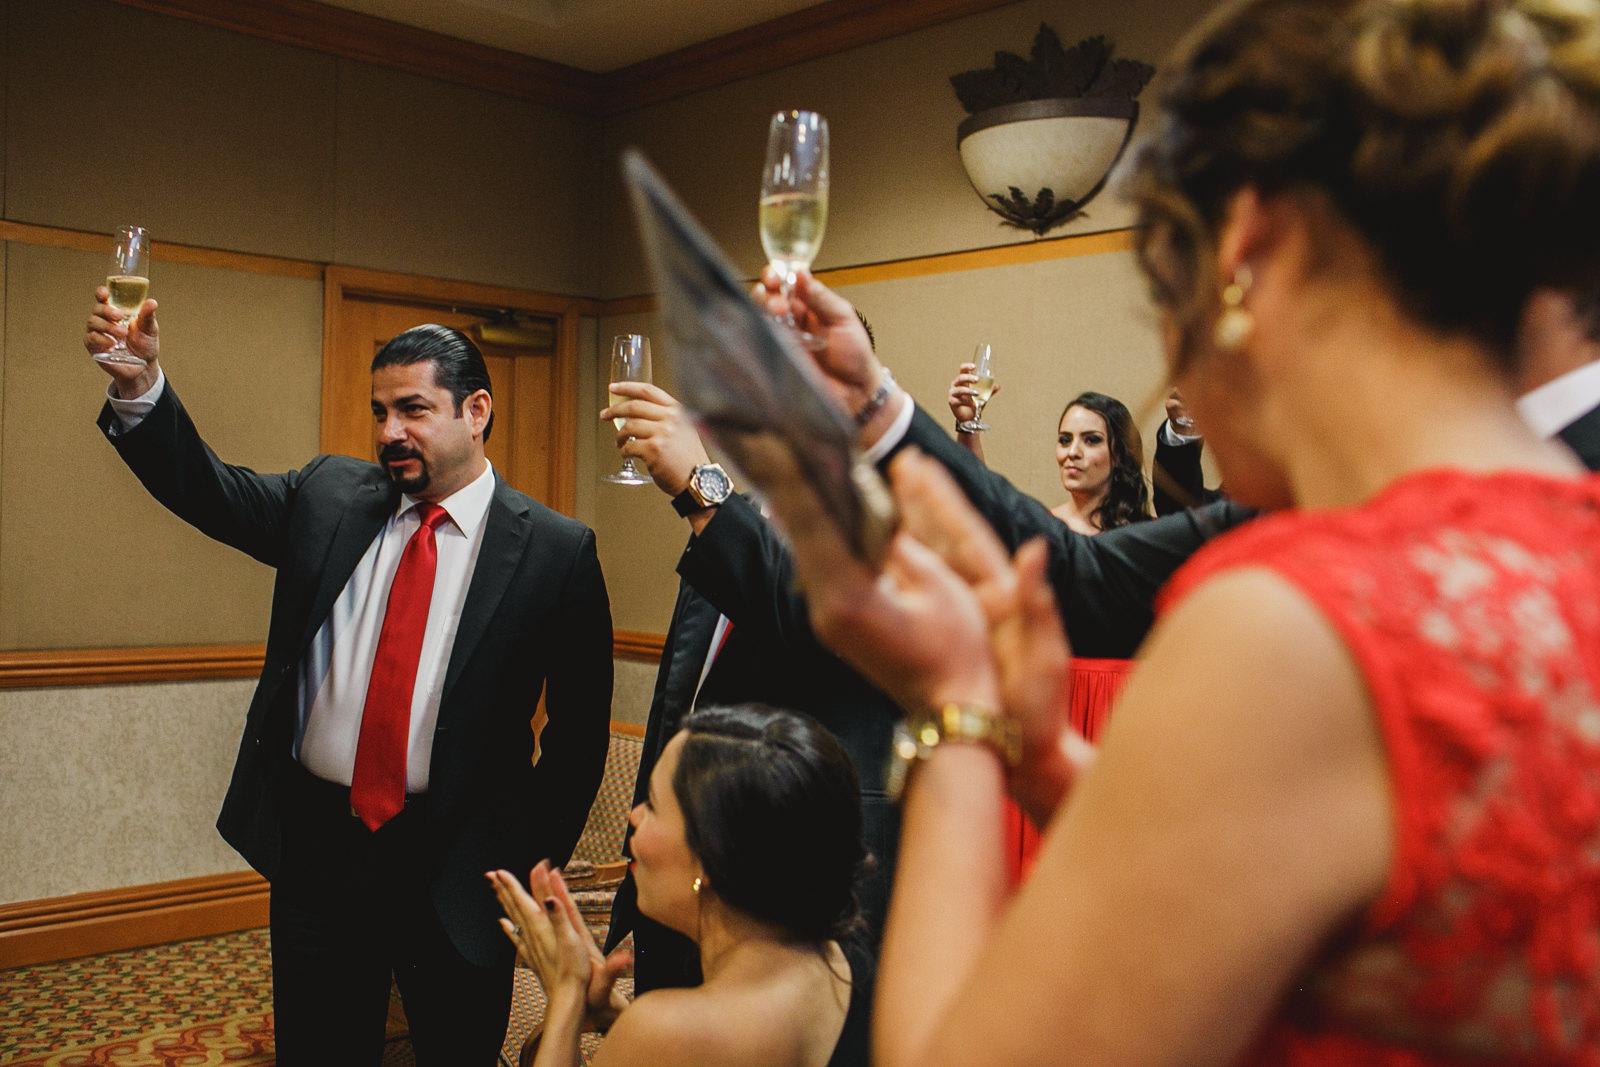 armando-aragon-fotografo-de-bodas-037